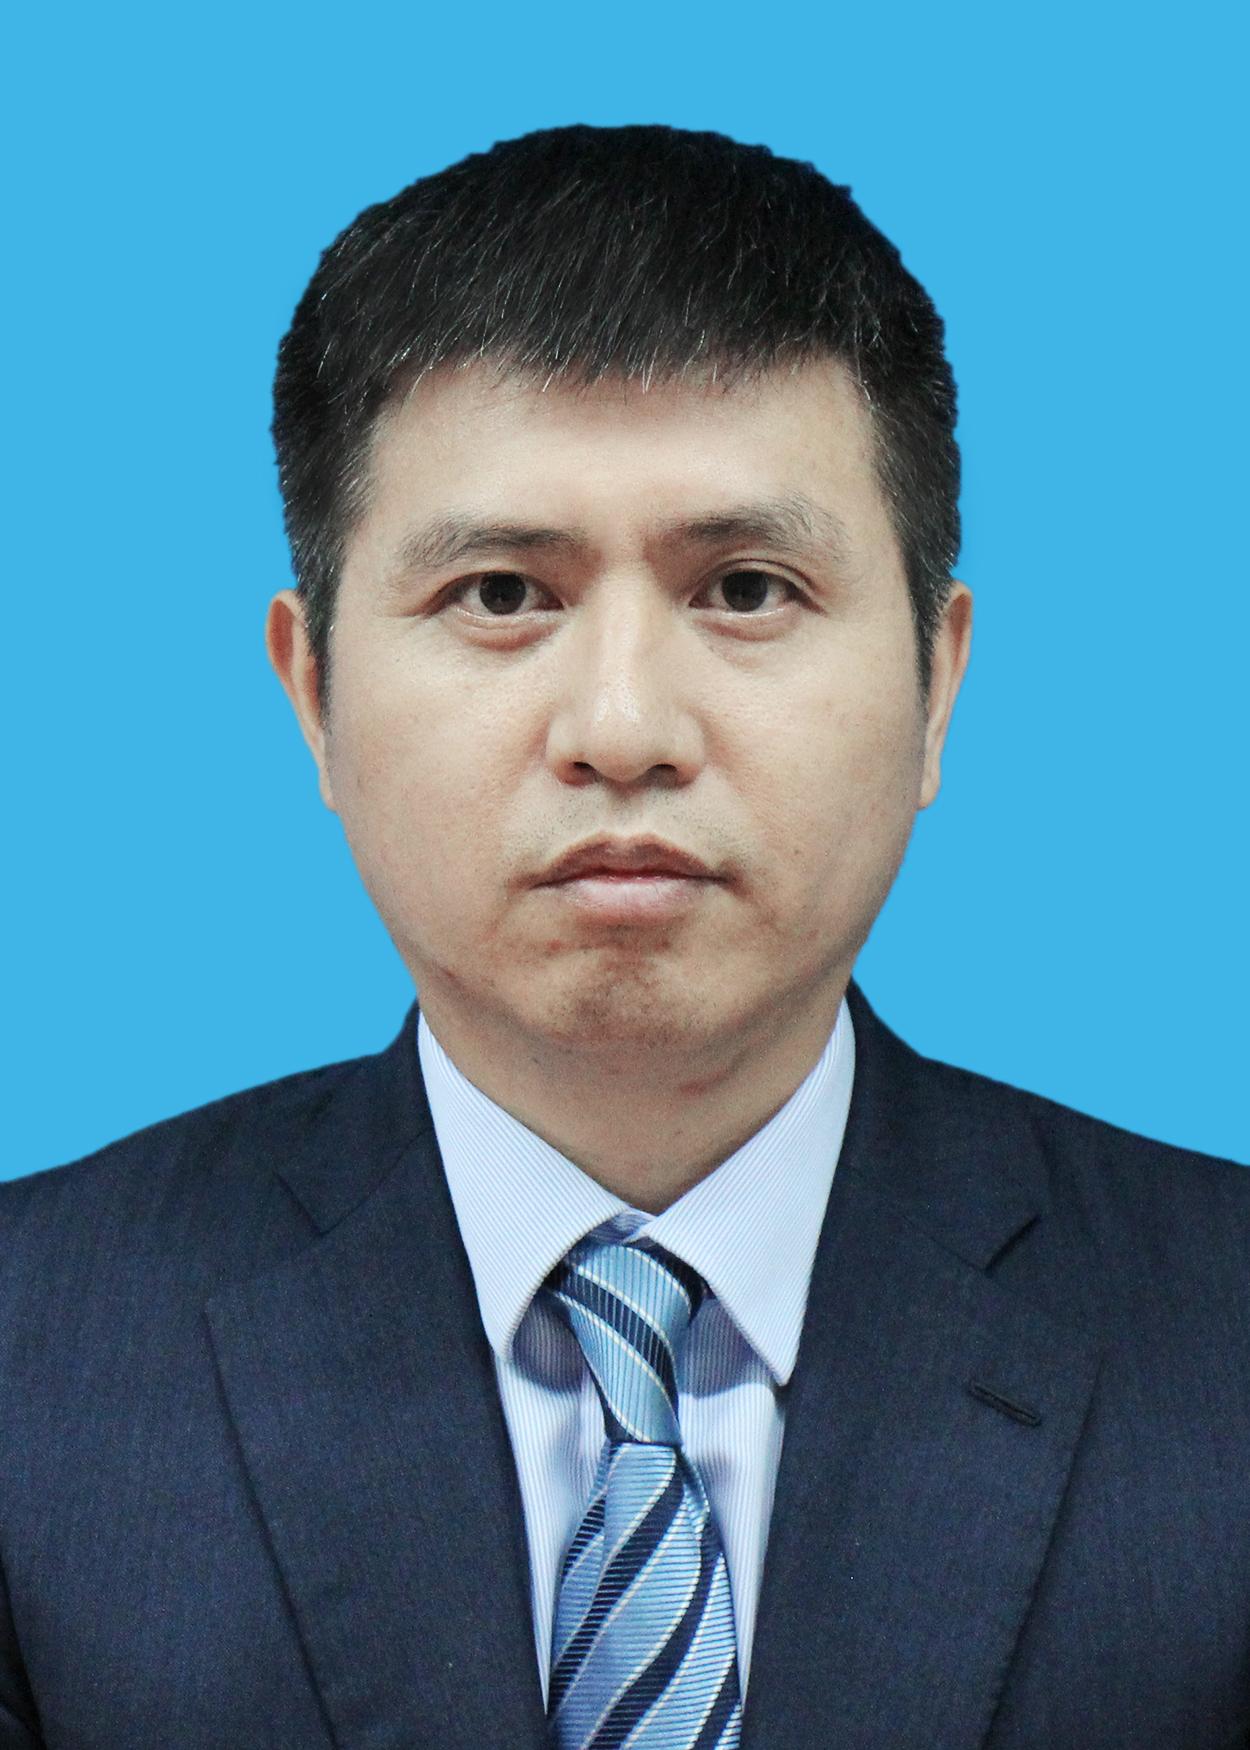 黄尊发律师信息_黄尊发律师个人案例 - 律师百科网